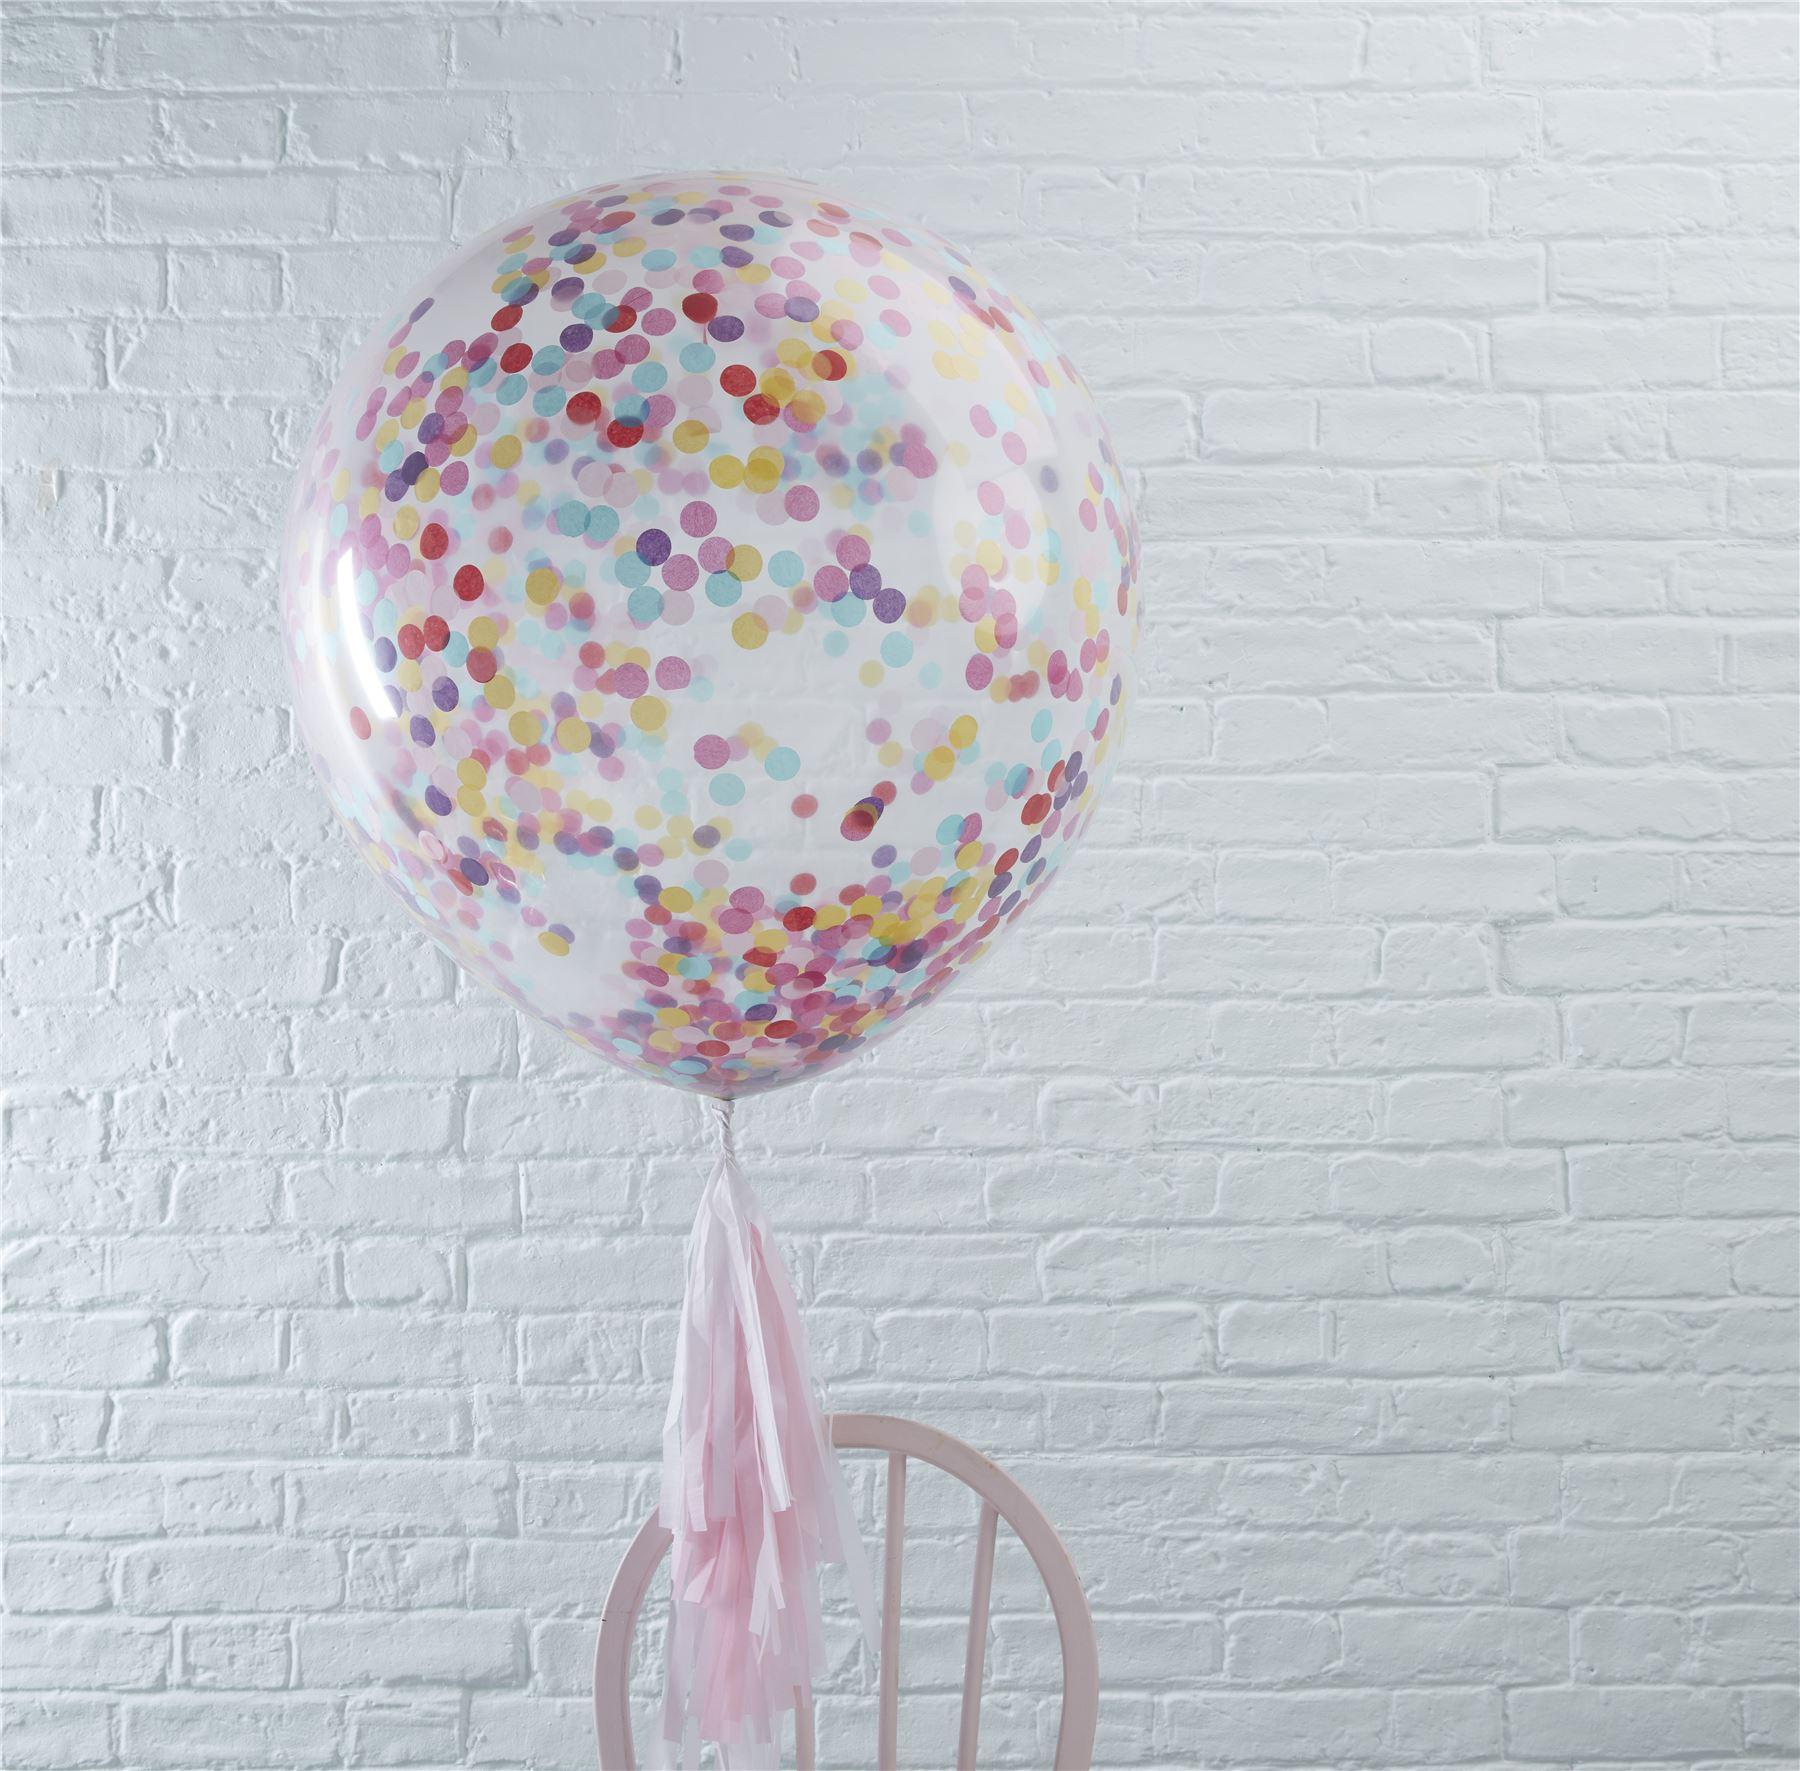 Extra-Grande-12-034-36-034-Confeti-Multicolor-Fiesta-Boda-Globos-De-Latex-Helio